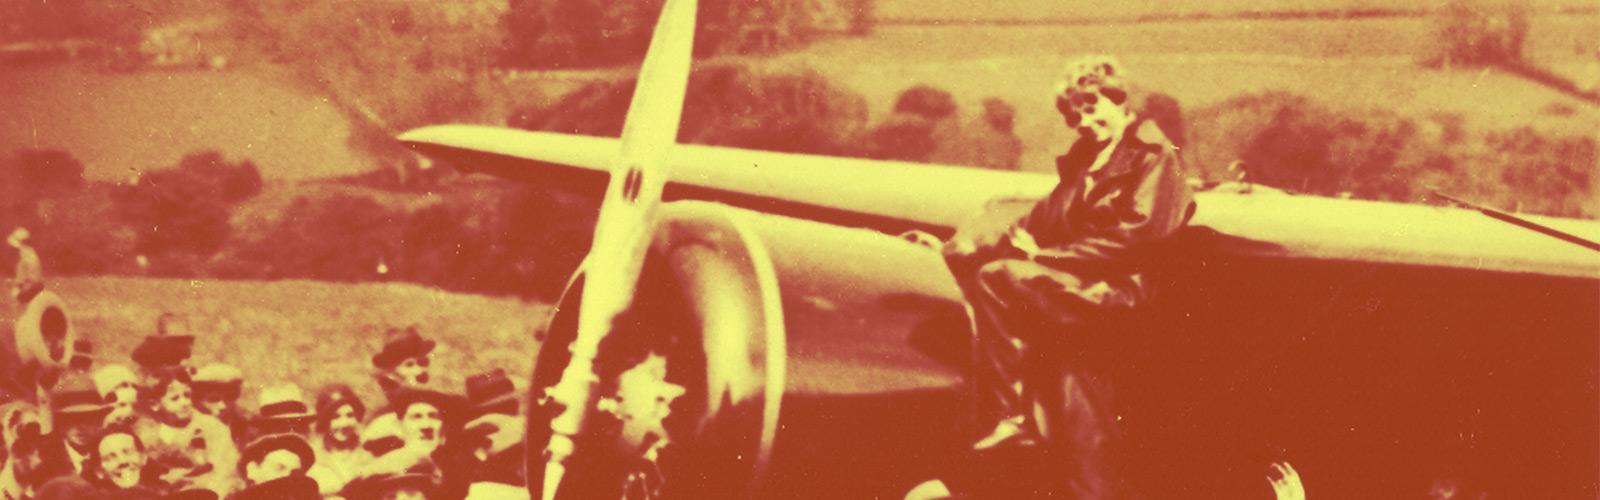 Amelia Earhart background